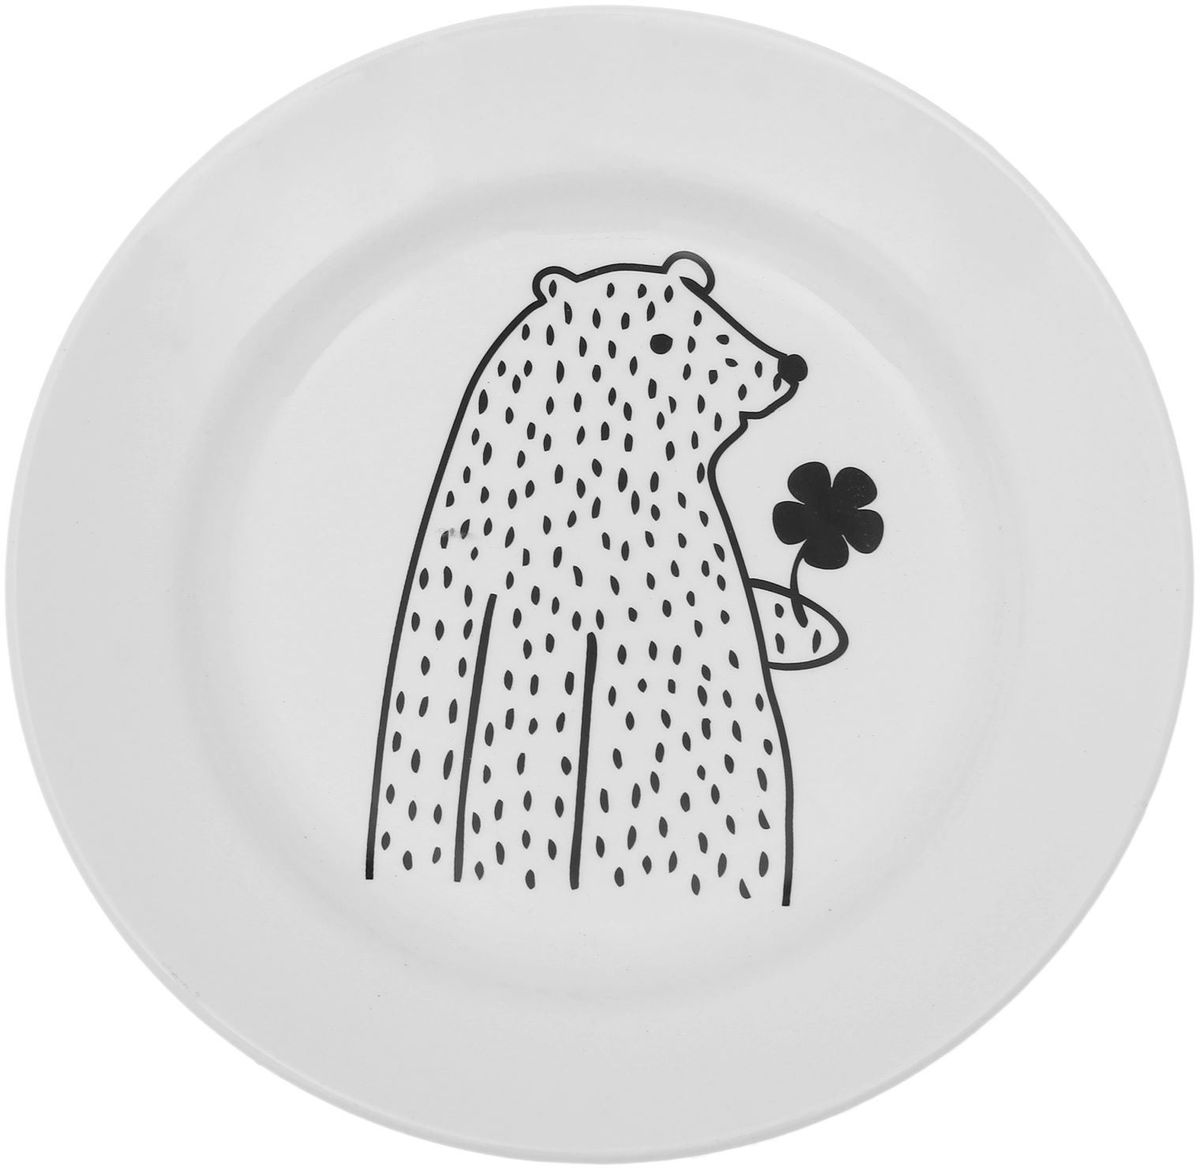 Тарелка мелкая Сотвори чудо Цветочный мишка, диаметр 20 см1661803Хотите обновить интерьер кухни или гостиной? Устраиваете необычную фотосессию или тематический праздник? А может, просто ищете подарок для близкого человека? Посуда Сотвори Чудо — правильный выбор в любой ситуации. Тарелка Сотвори Чудо, изготовленная из изящного фаянса нежного сливочного цвета, оформлена оригинальным рисунком со стойкой краской. Пригодна для посудомоечной машины.